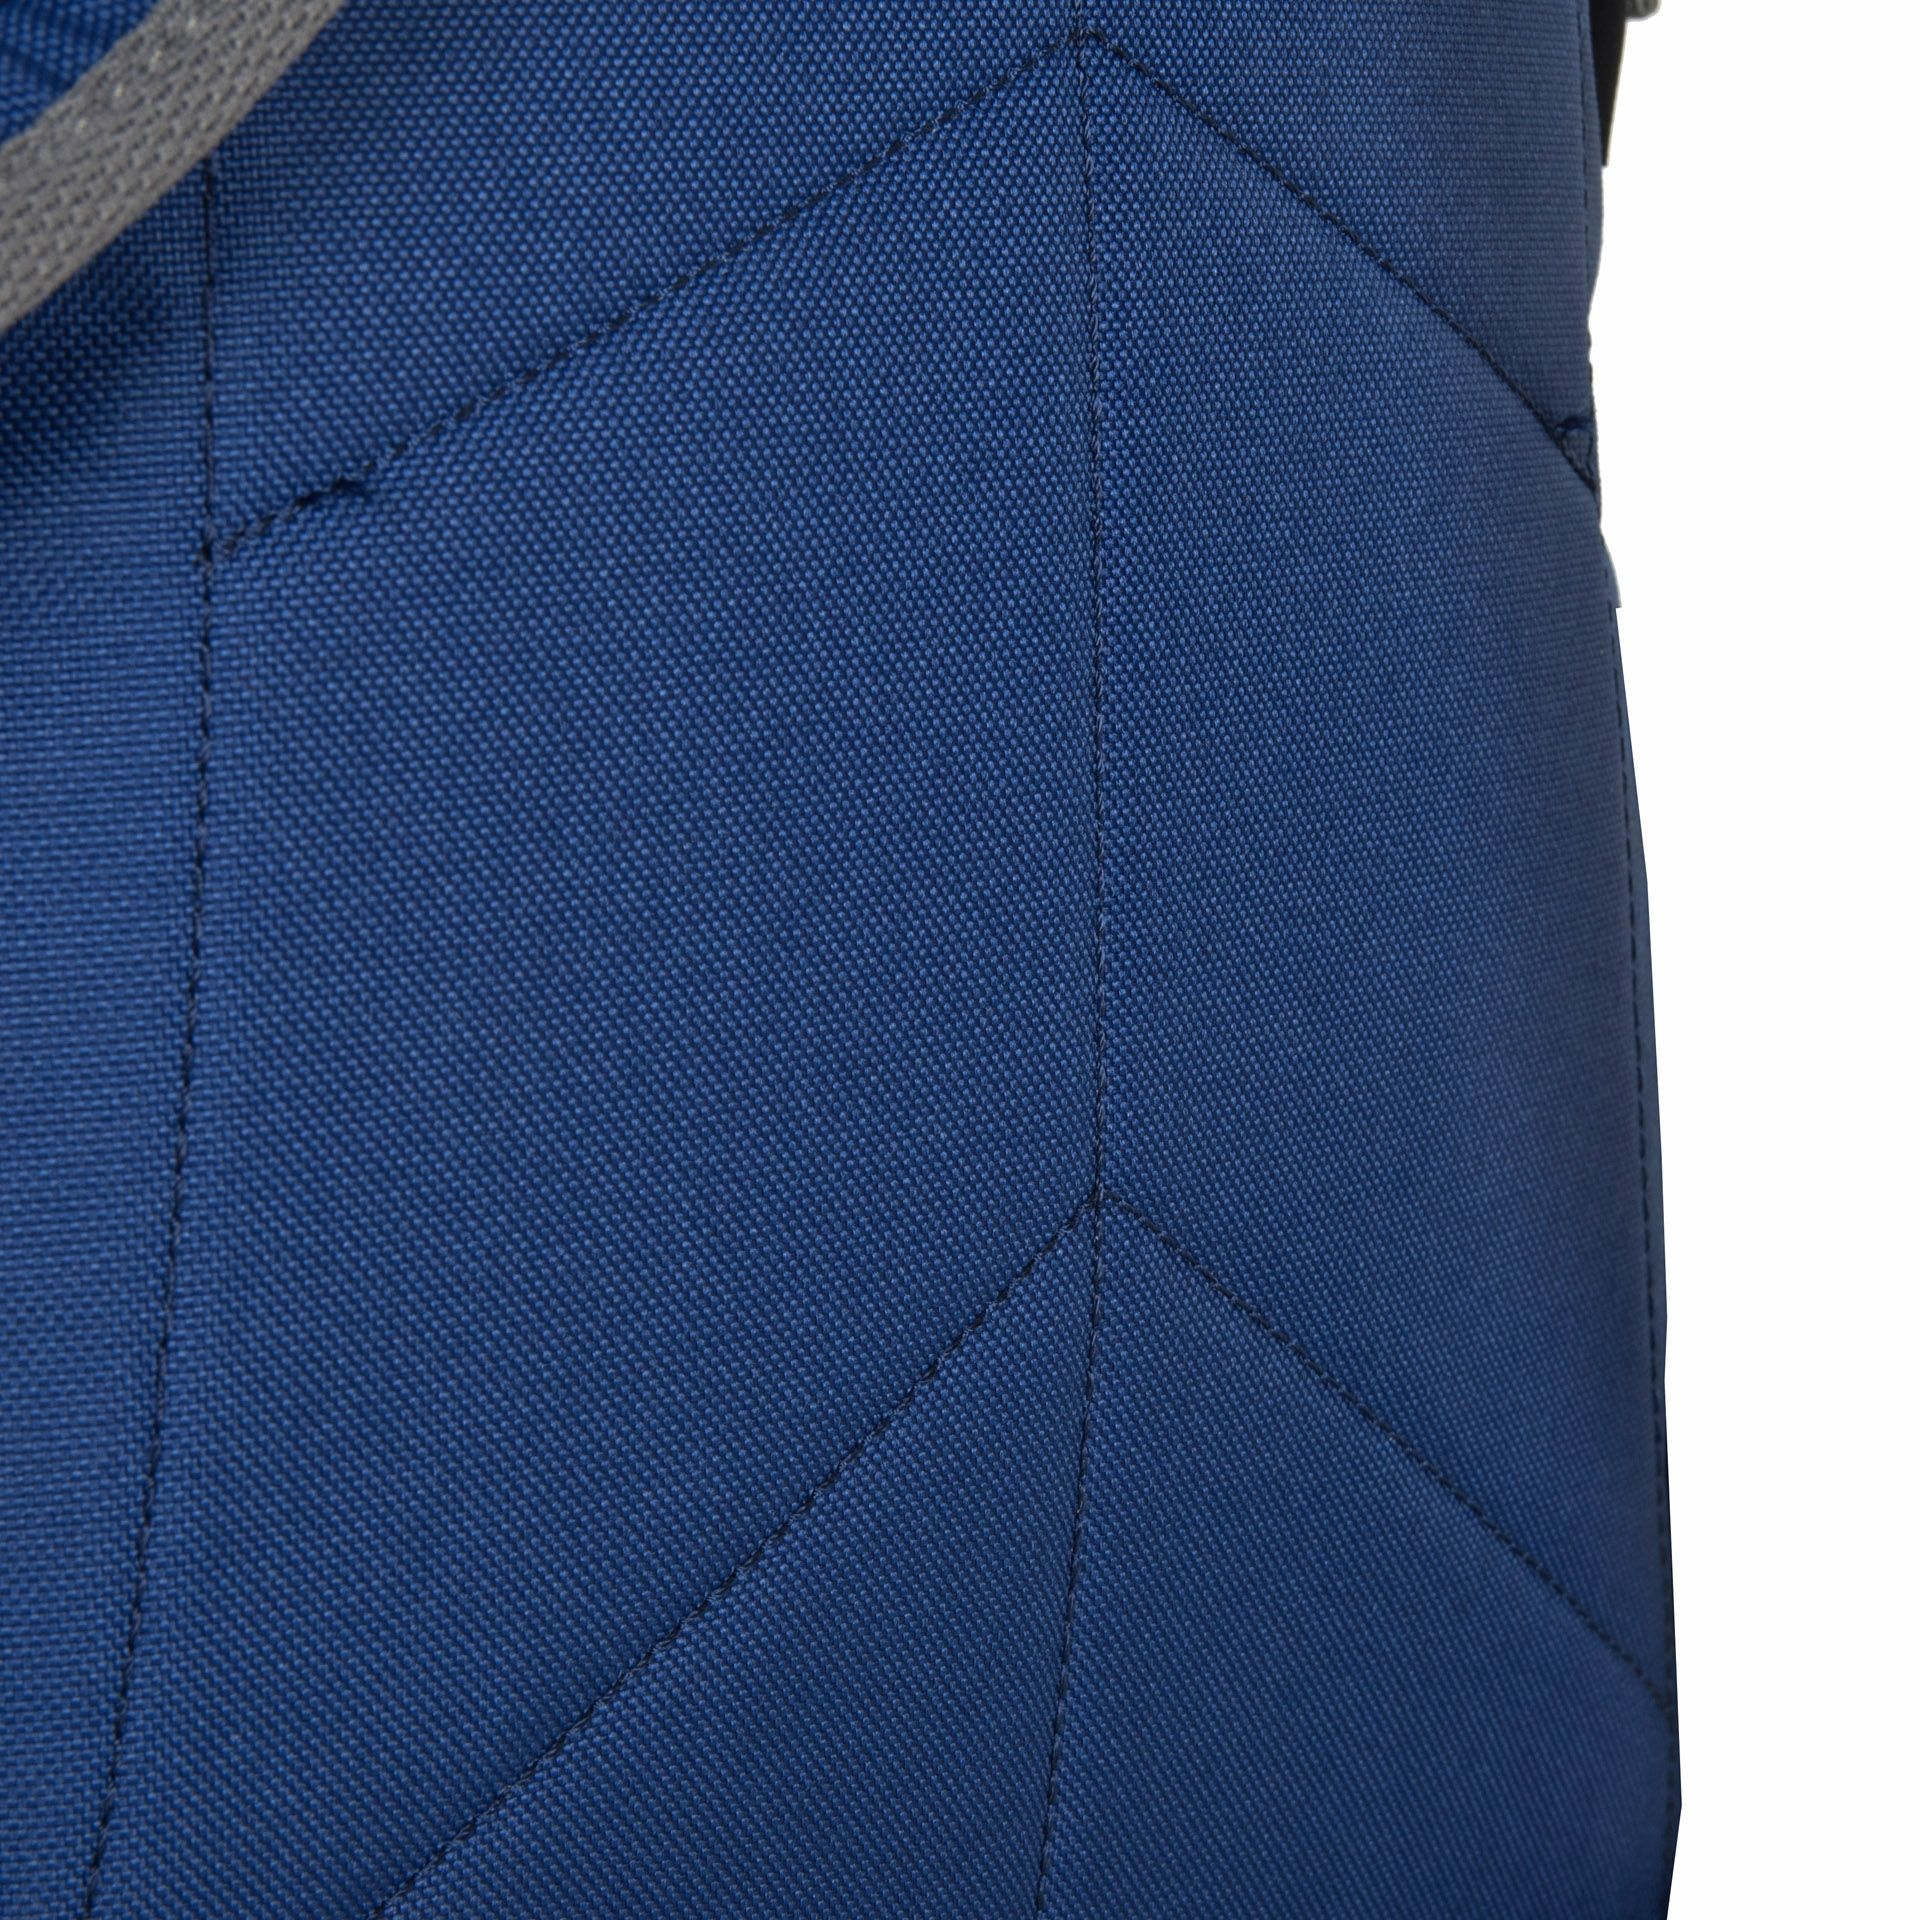 Jack Wolfskin Berkeley S Blue woven check Školský batoh určený na denné nosenie má dostatok priestoru pre všetky druhy kníh a predmetov, ktoré deti potrebujú do školy.